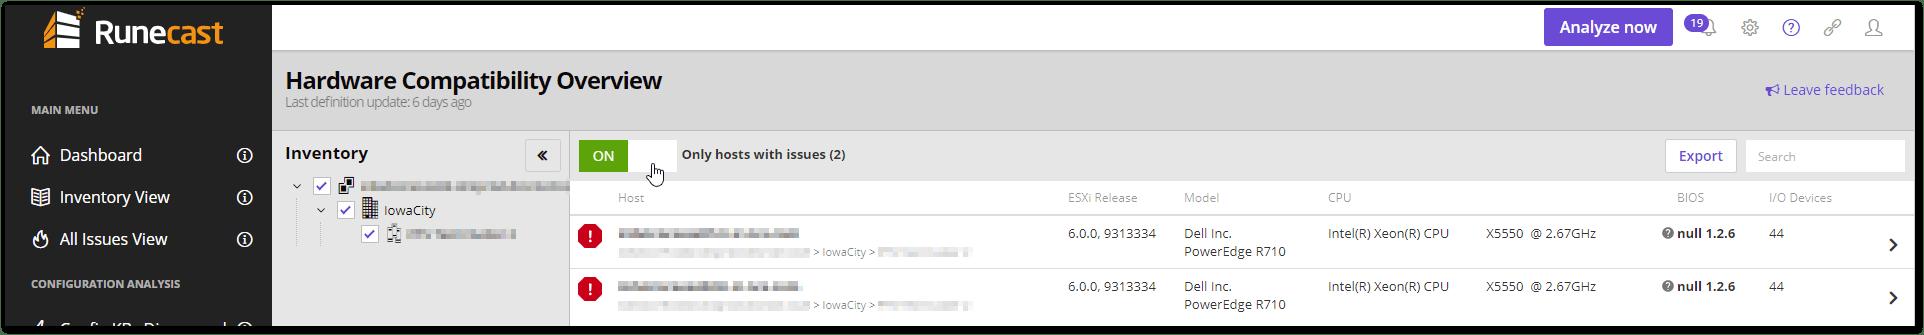 Runecast Analyzer Added VMware HCL Support (beta)